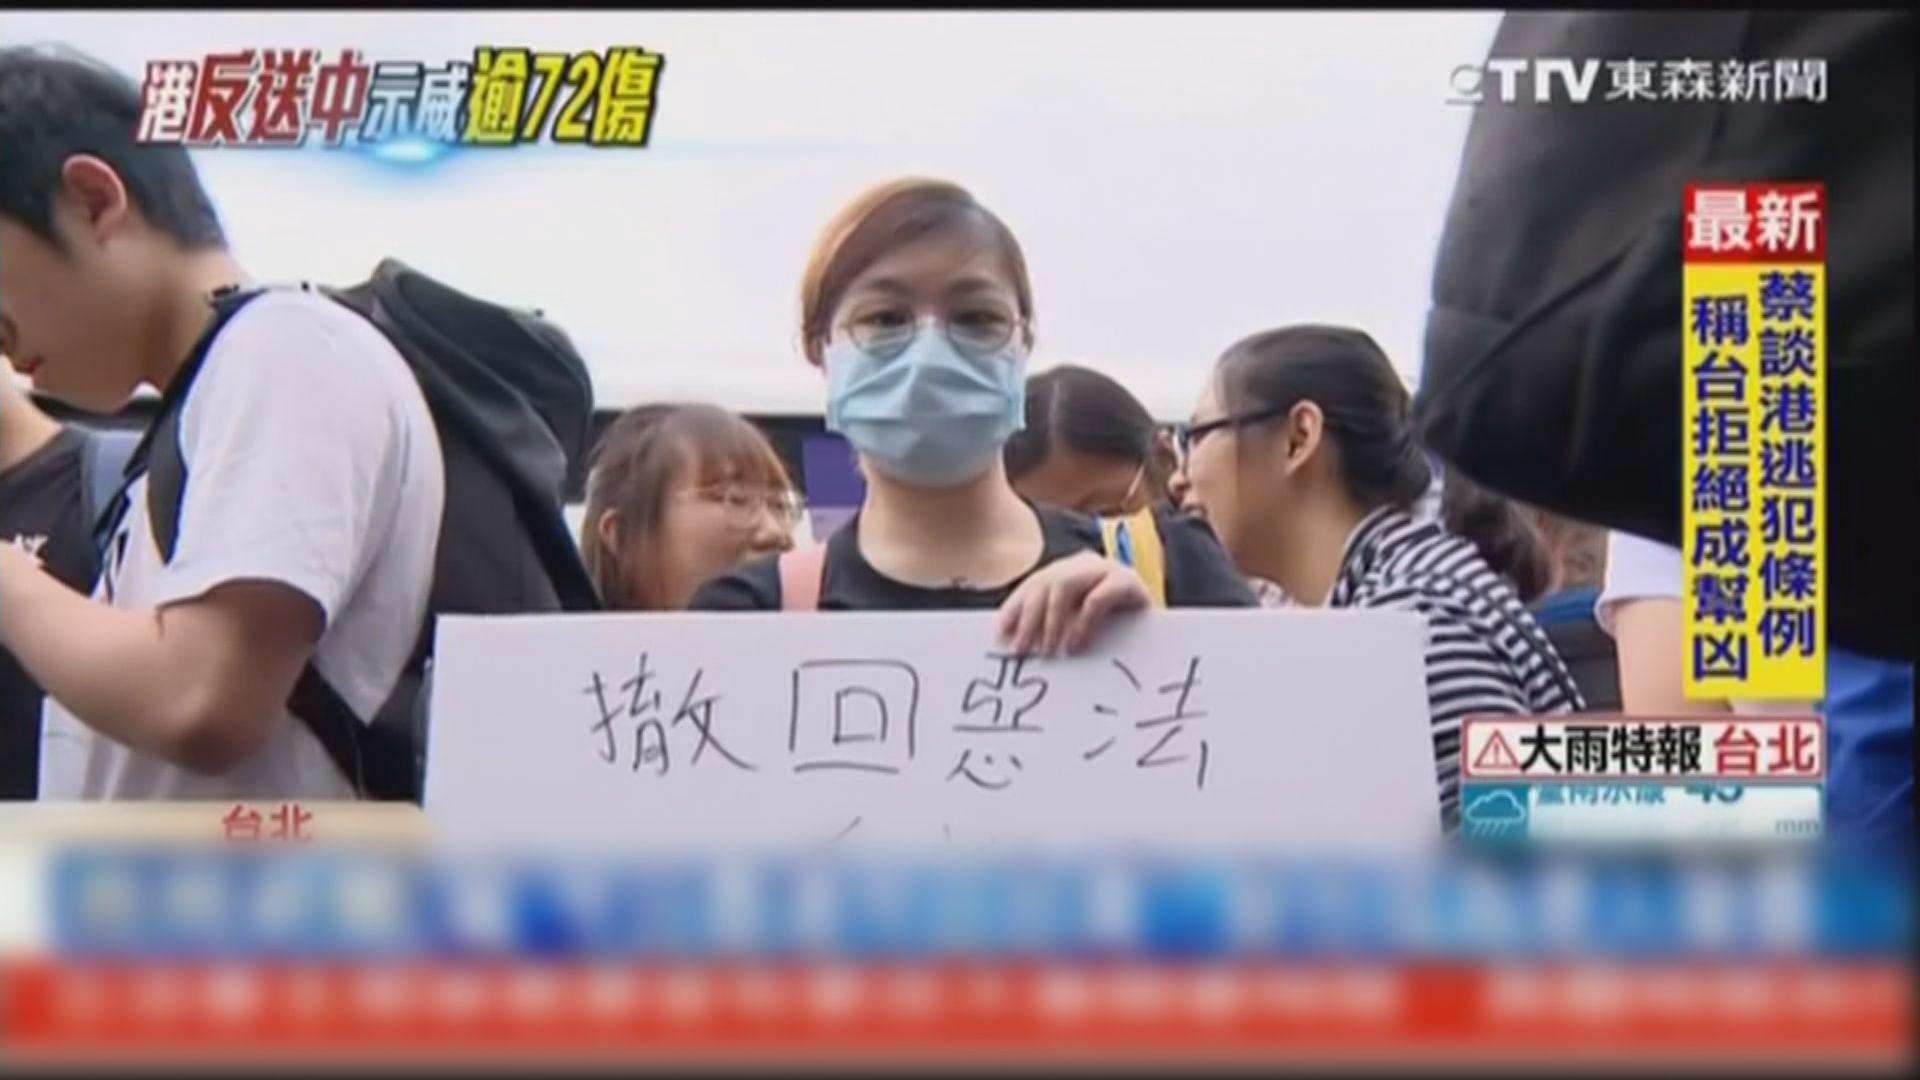 【逃犯條例】蔡英文:台灣不願成為惡法幫兇